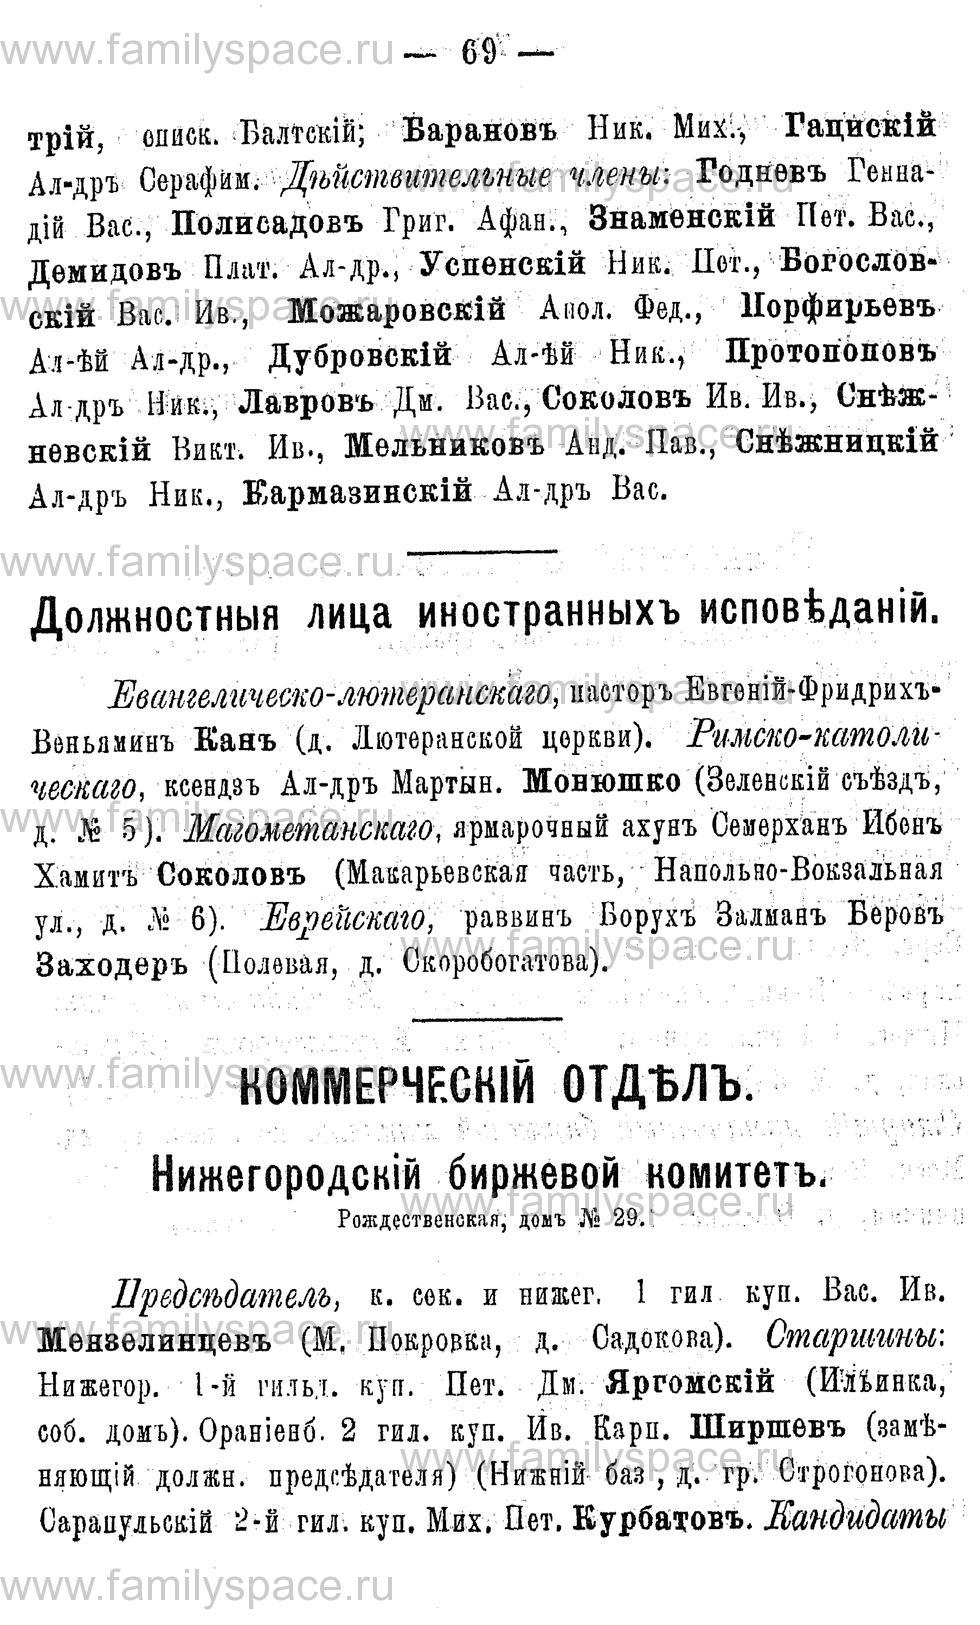 Поиск по фамилии - Адрес-календарь Нижегородской губернии на 1891 год, страница 69